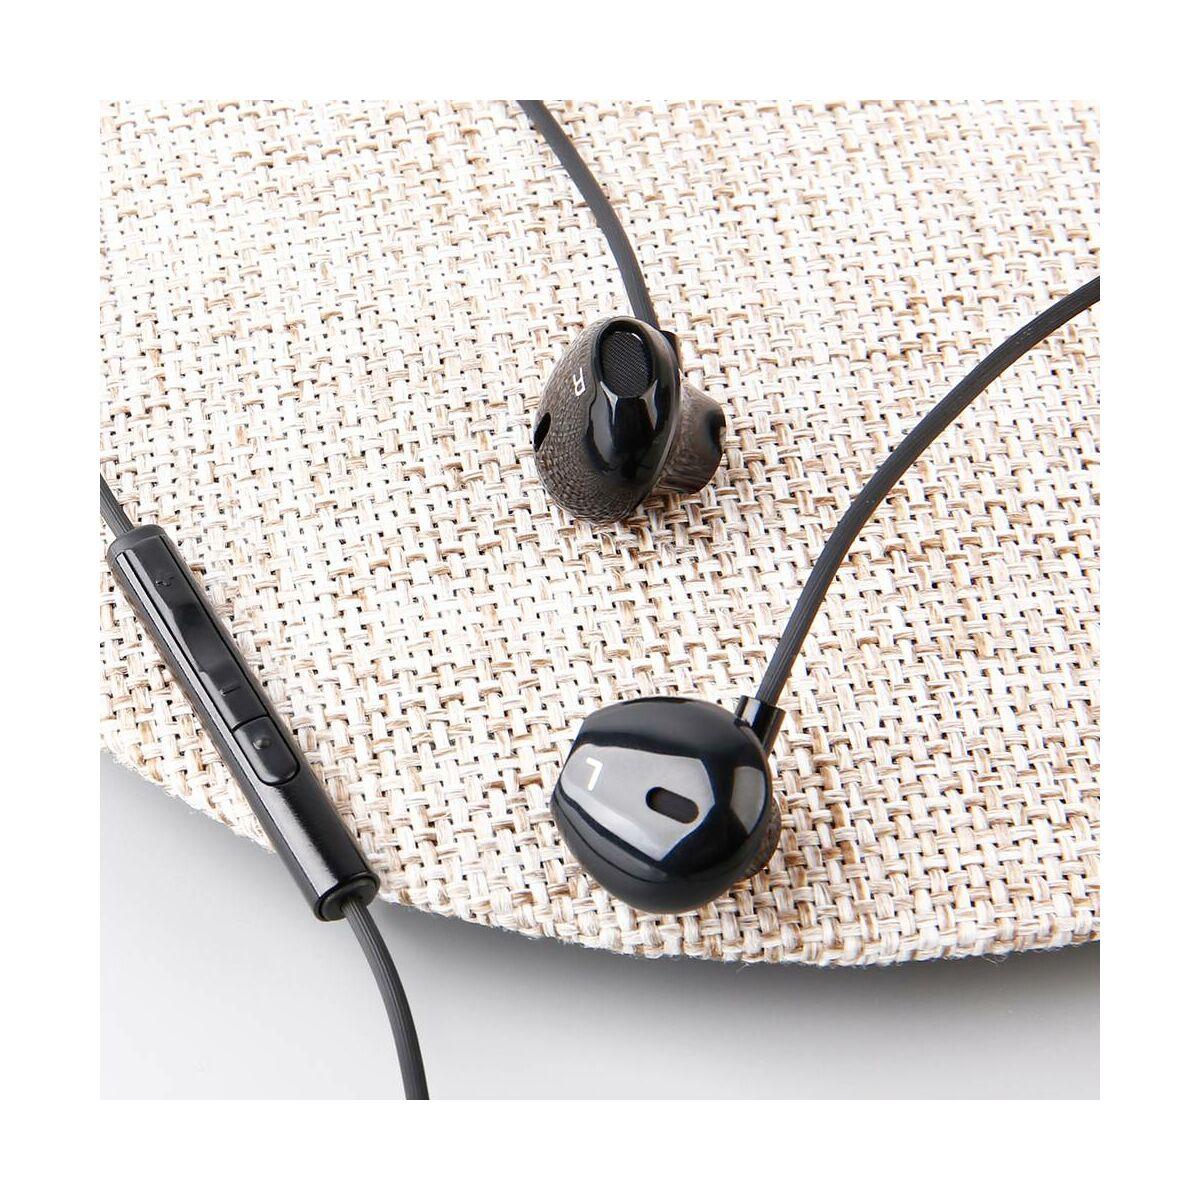 Baseus fülhallgató, Encok H06, lateral-in-ear, mini jack, vezetékes, fekete (NGH06-01)